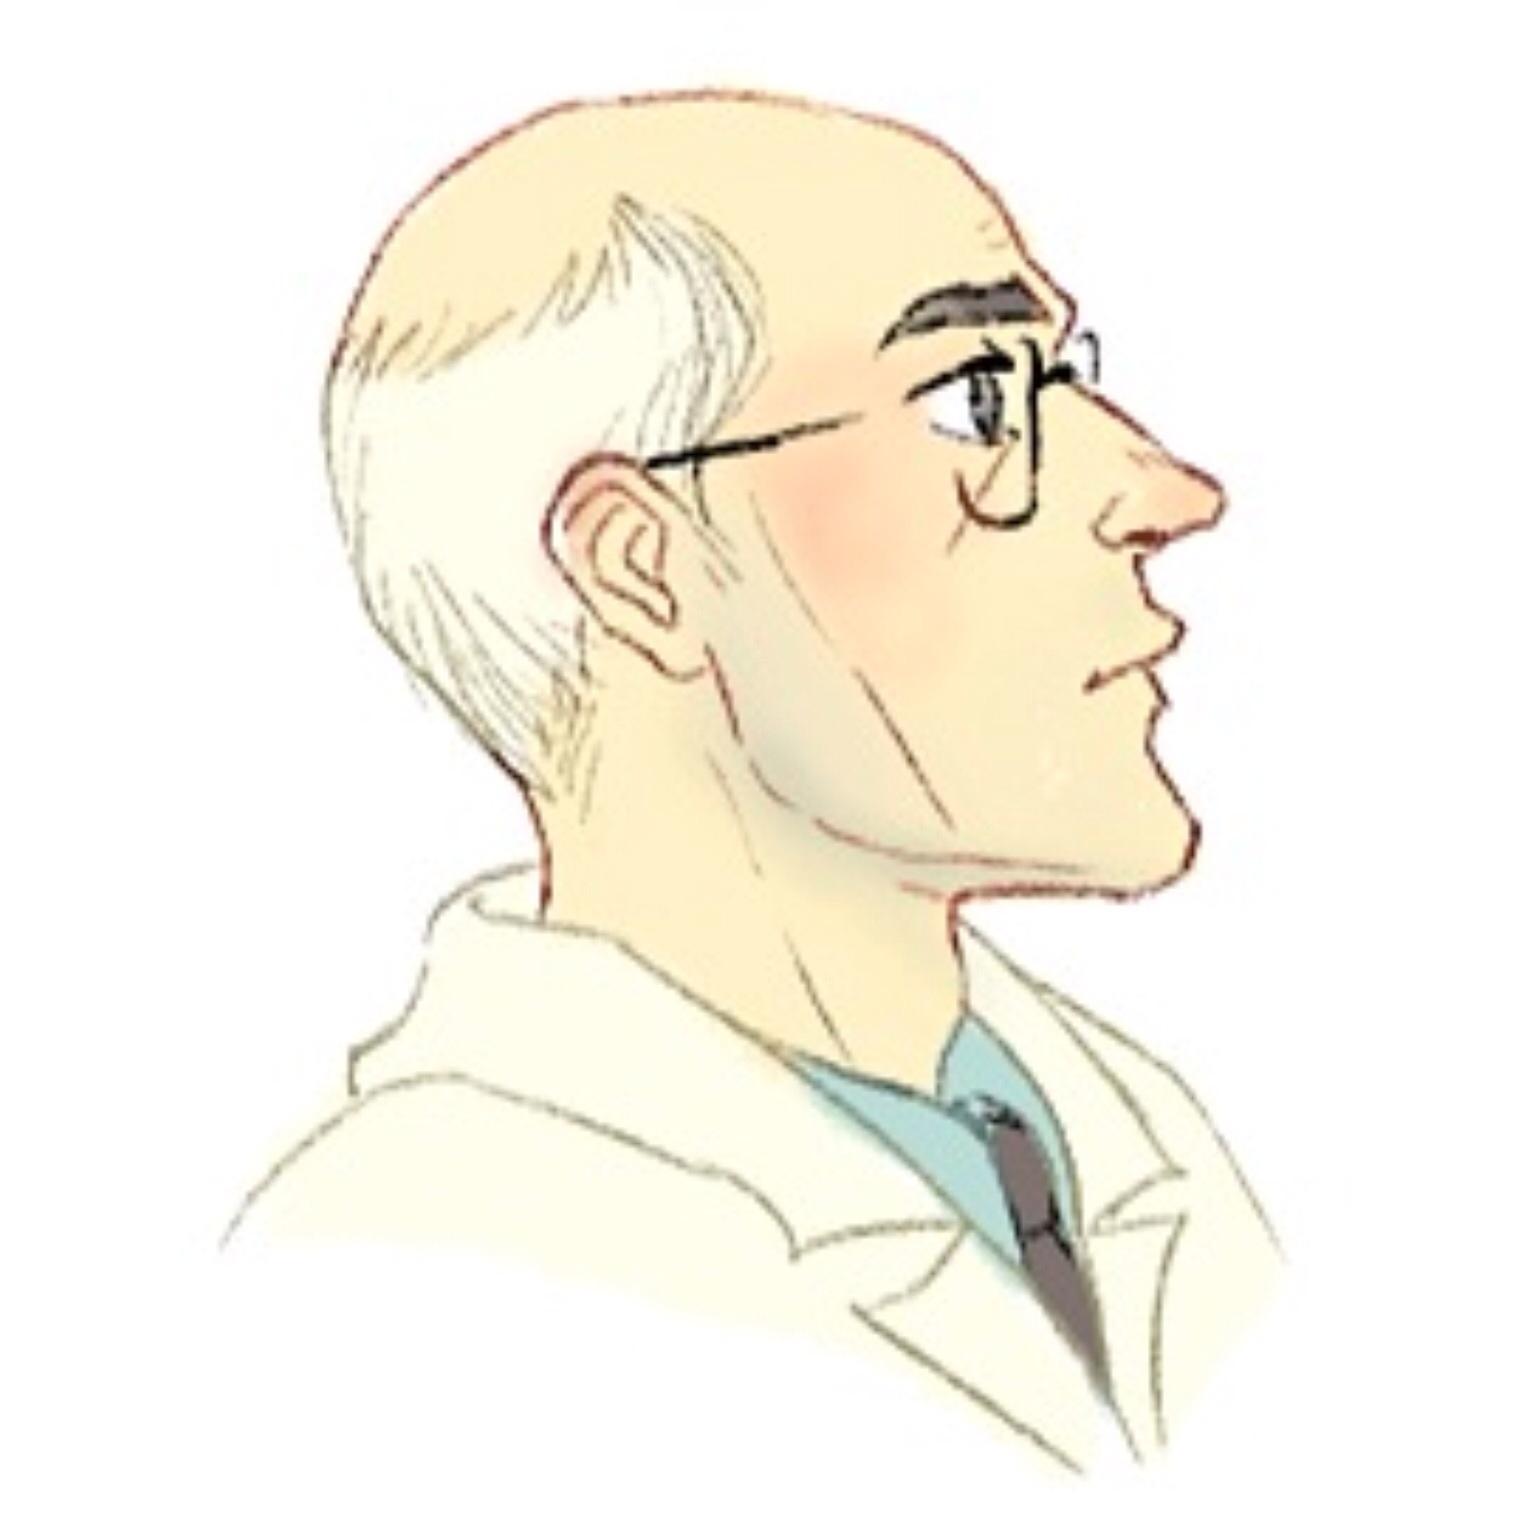 Isaac Kleiner